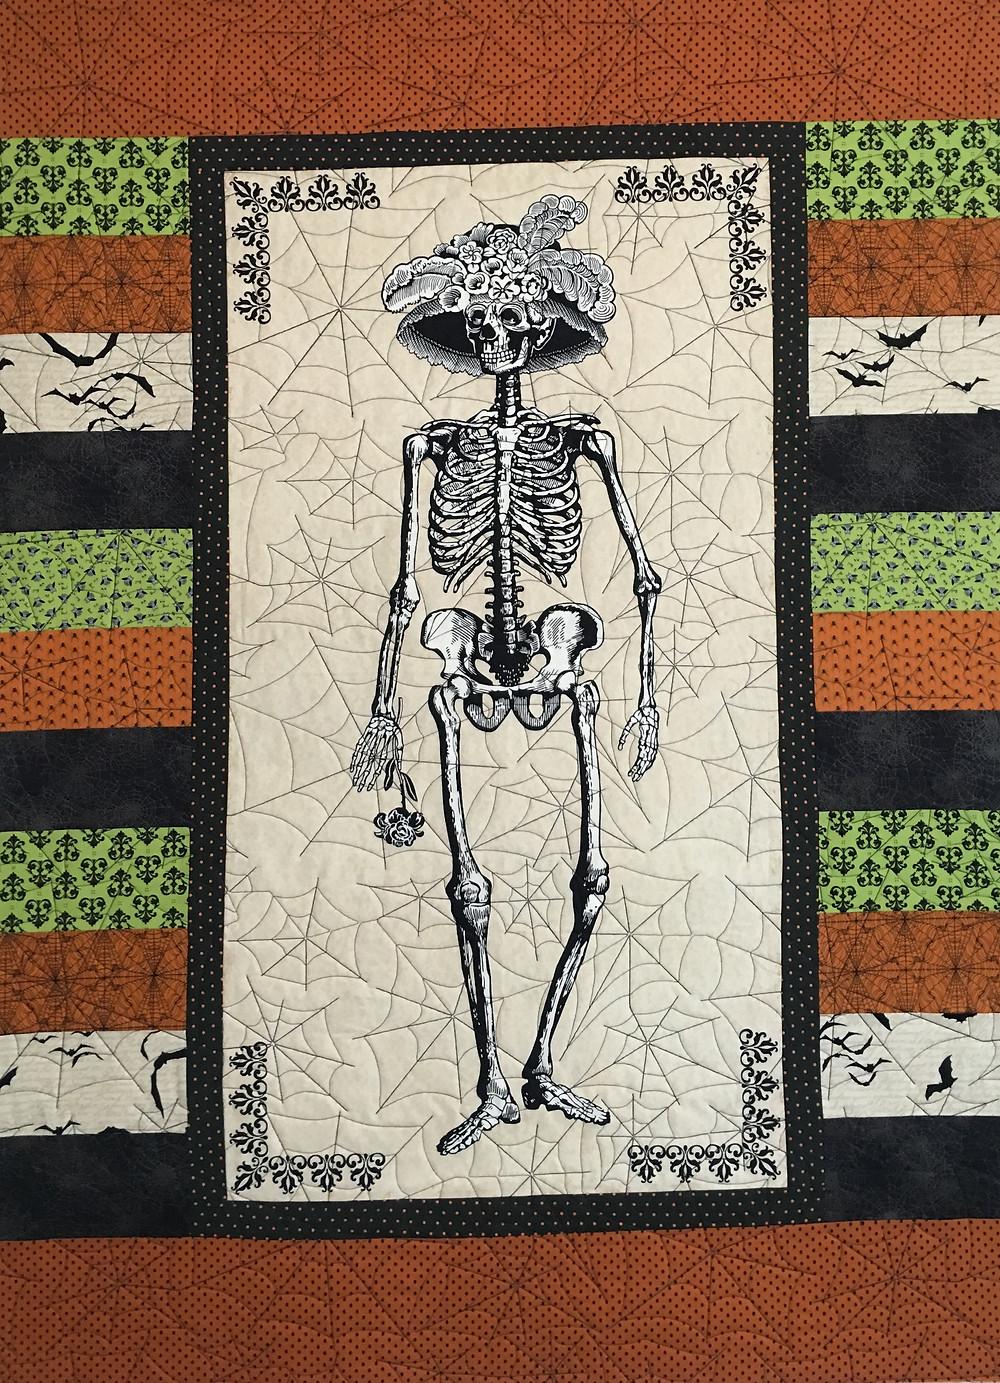 Halloween Quilt by Cheryl Cohorn